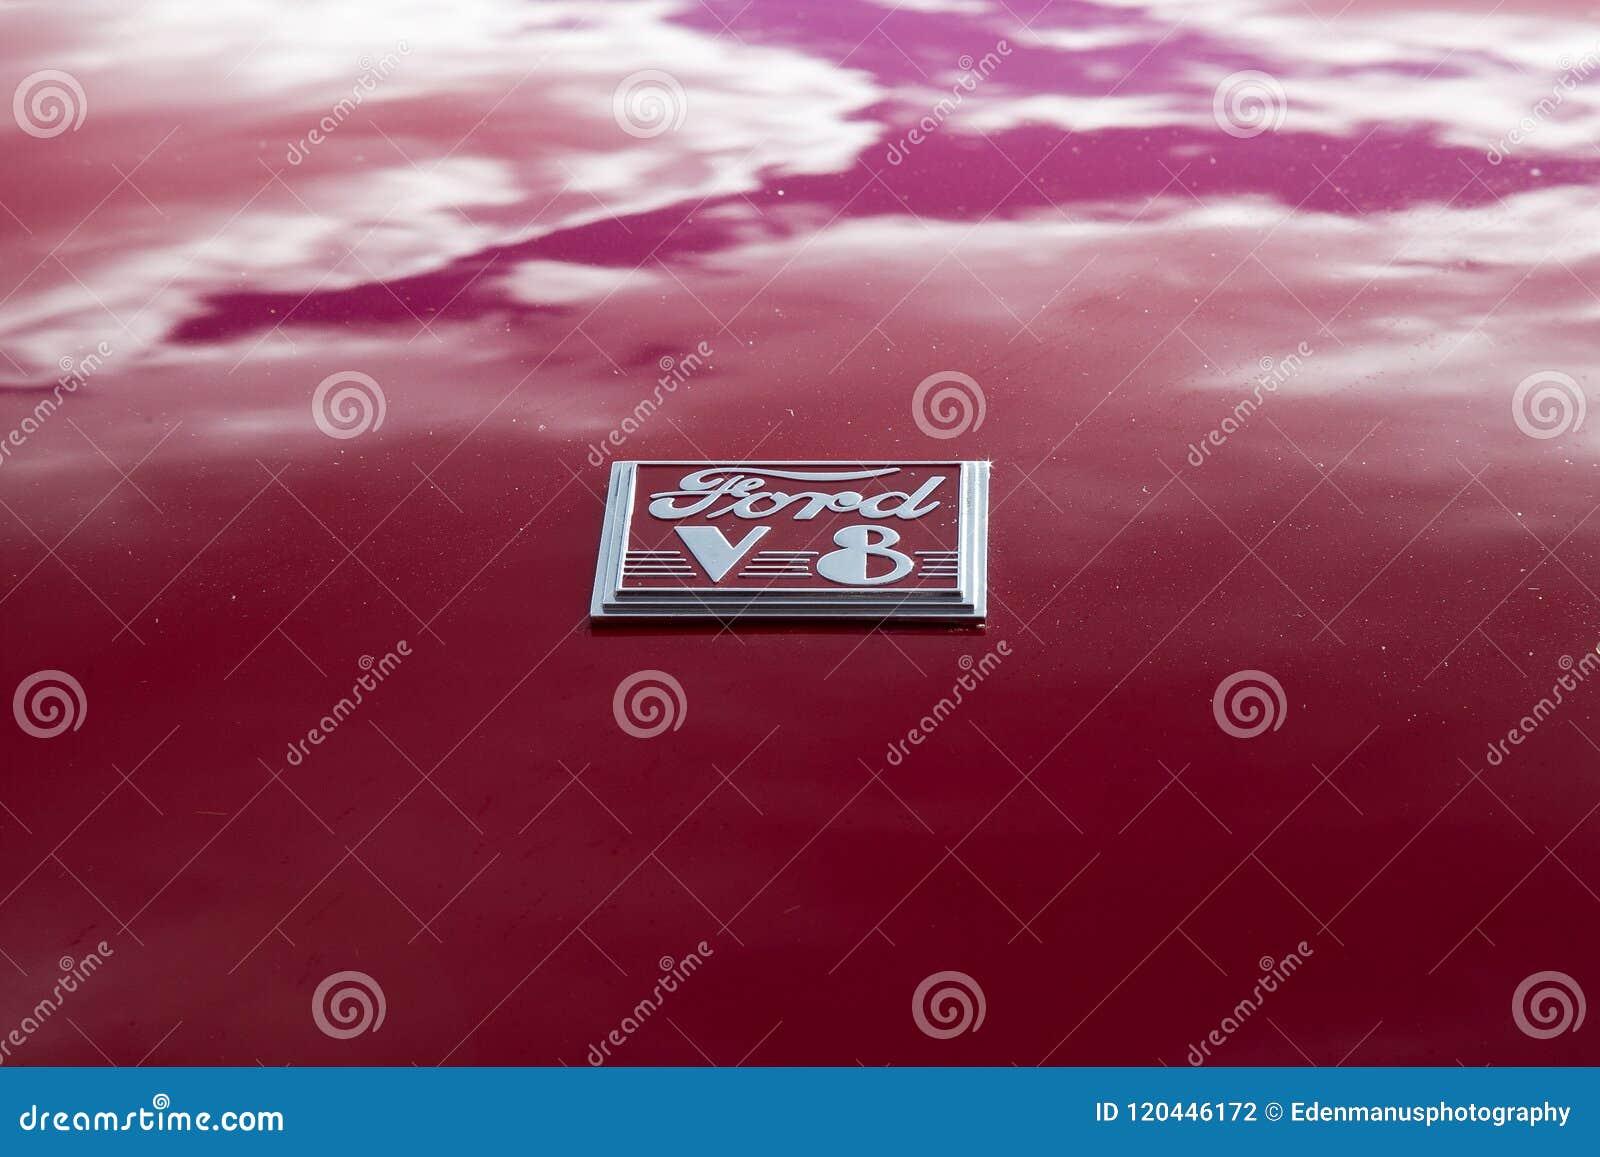 Wolken die in de Rode Verf van Klassiek Ford nadenken